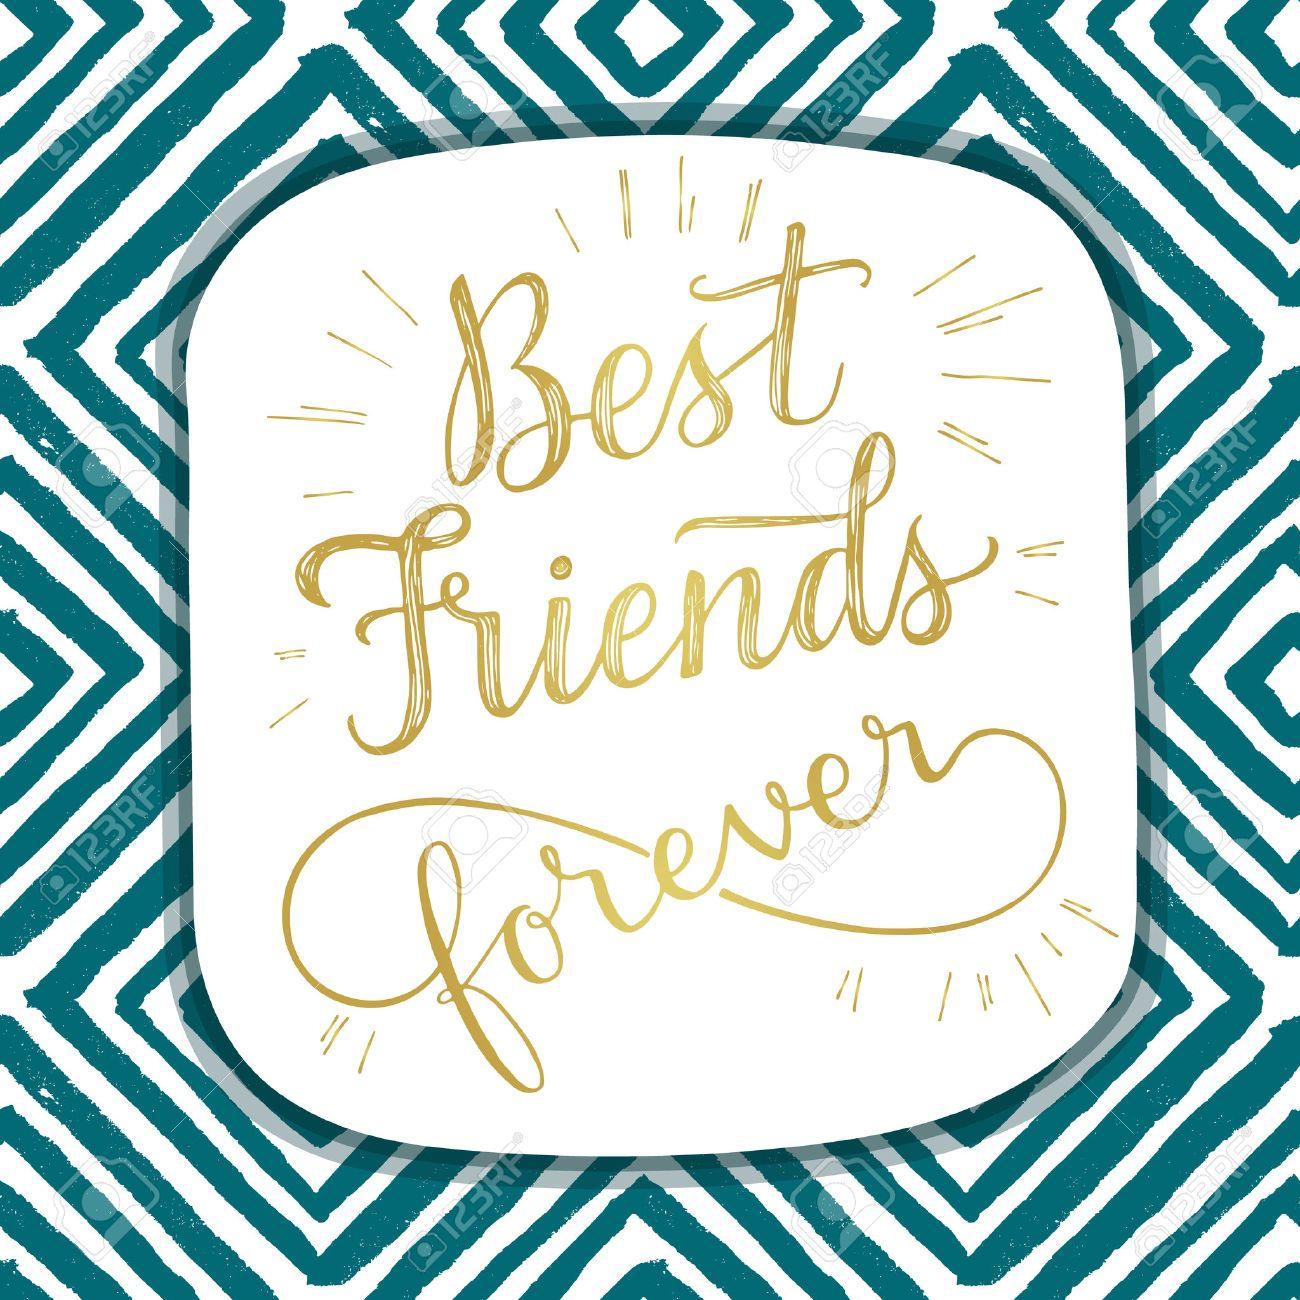 Best Friend Forever Hand Lettering Phrase Vector Illustration